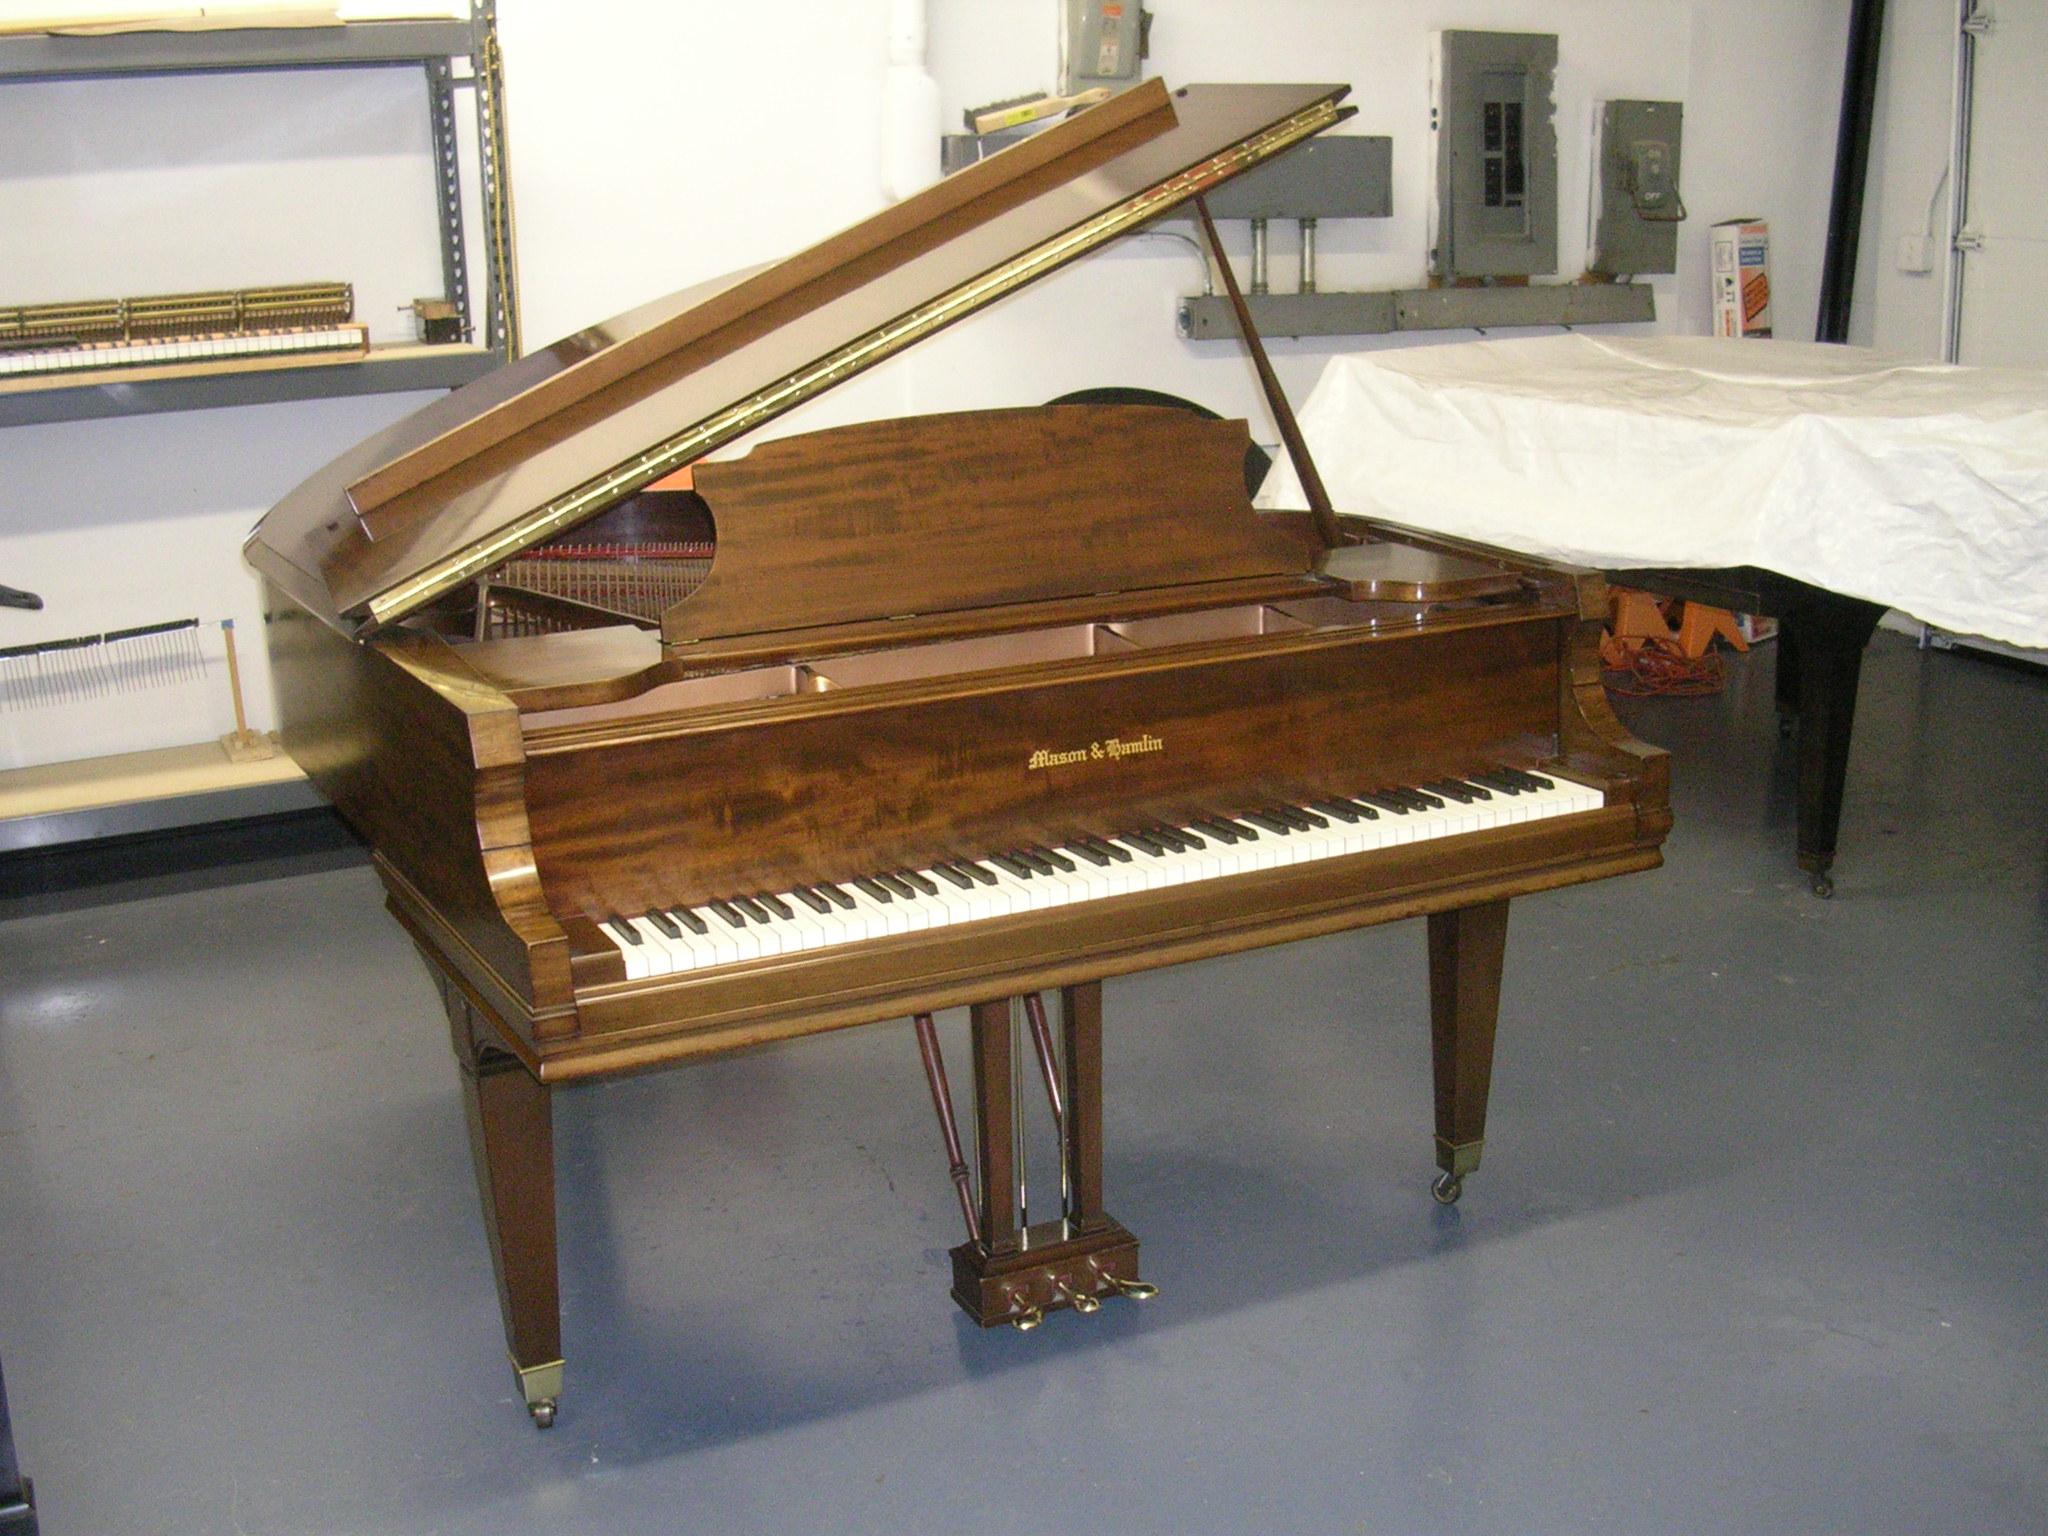 Restored Vintage Mason & Hamlin model A.